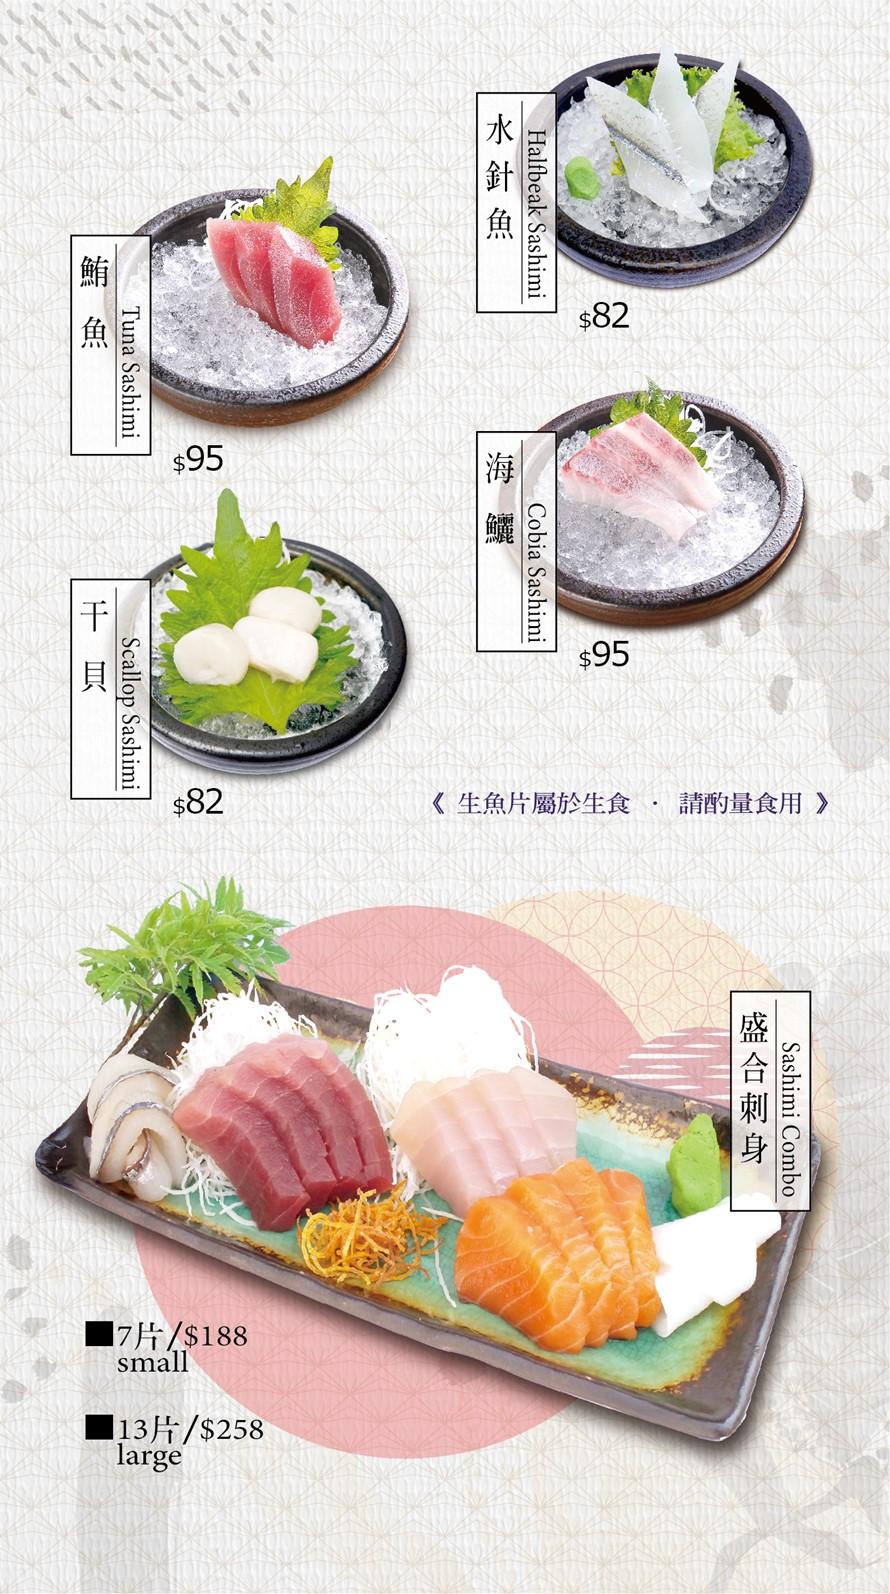 鮪魚、水針魚、干貝、海鱺、盛合刺身